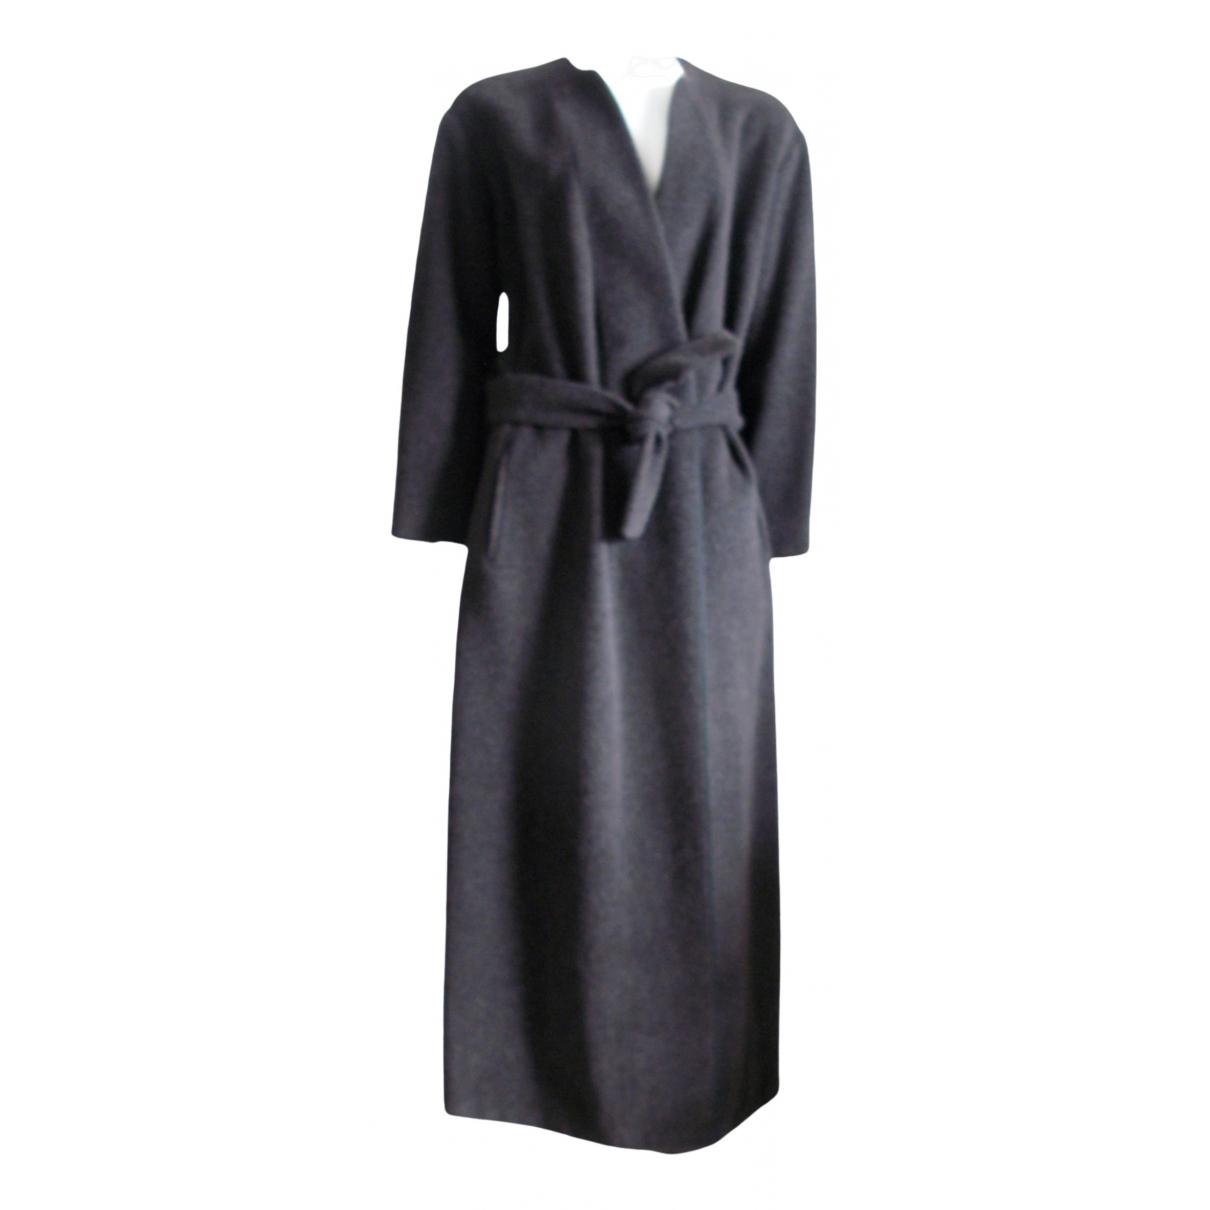 Lanvin \N Grey Wool coat for Women M International